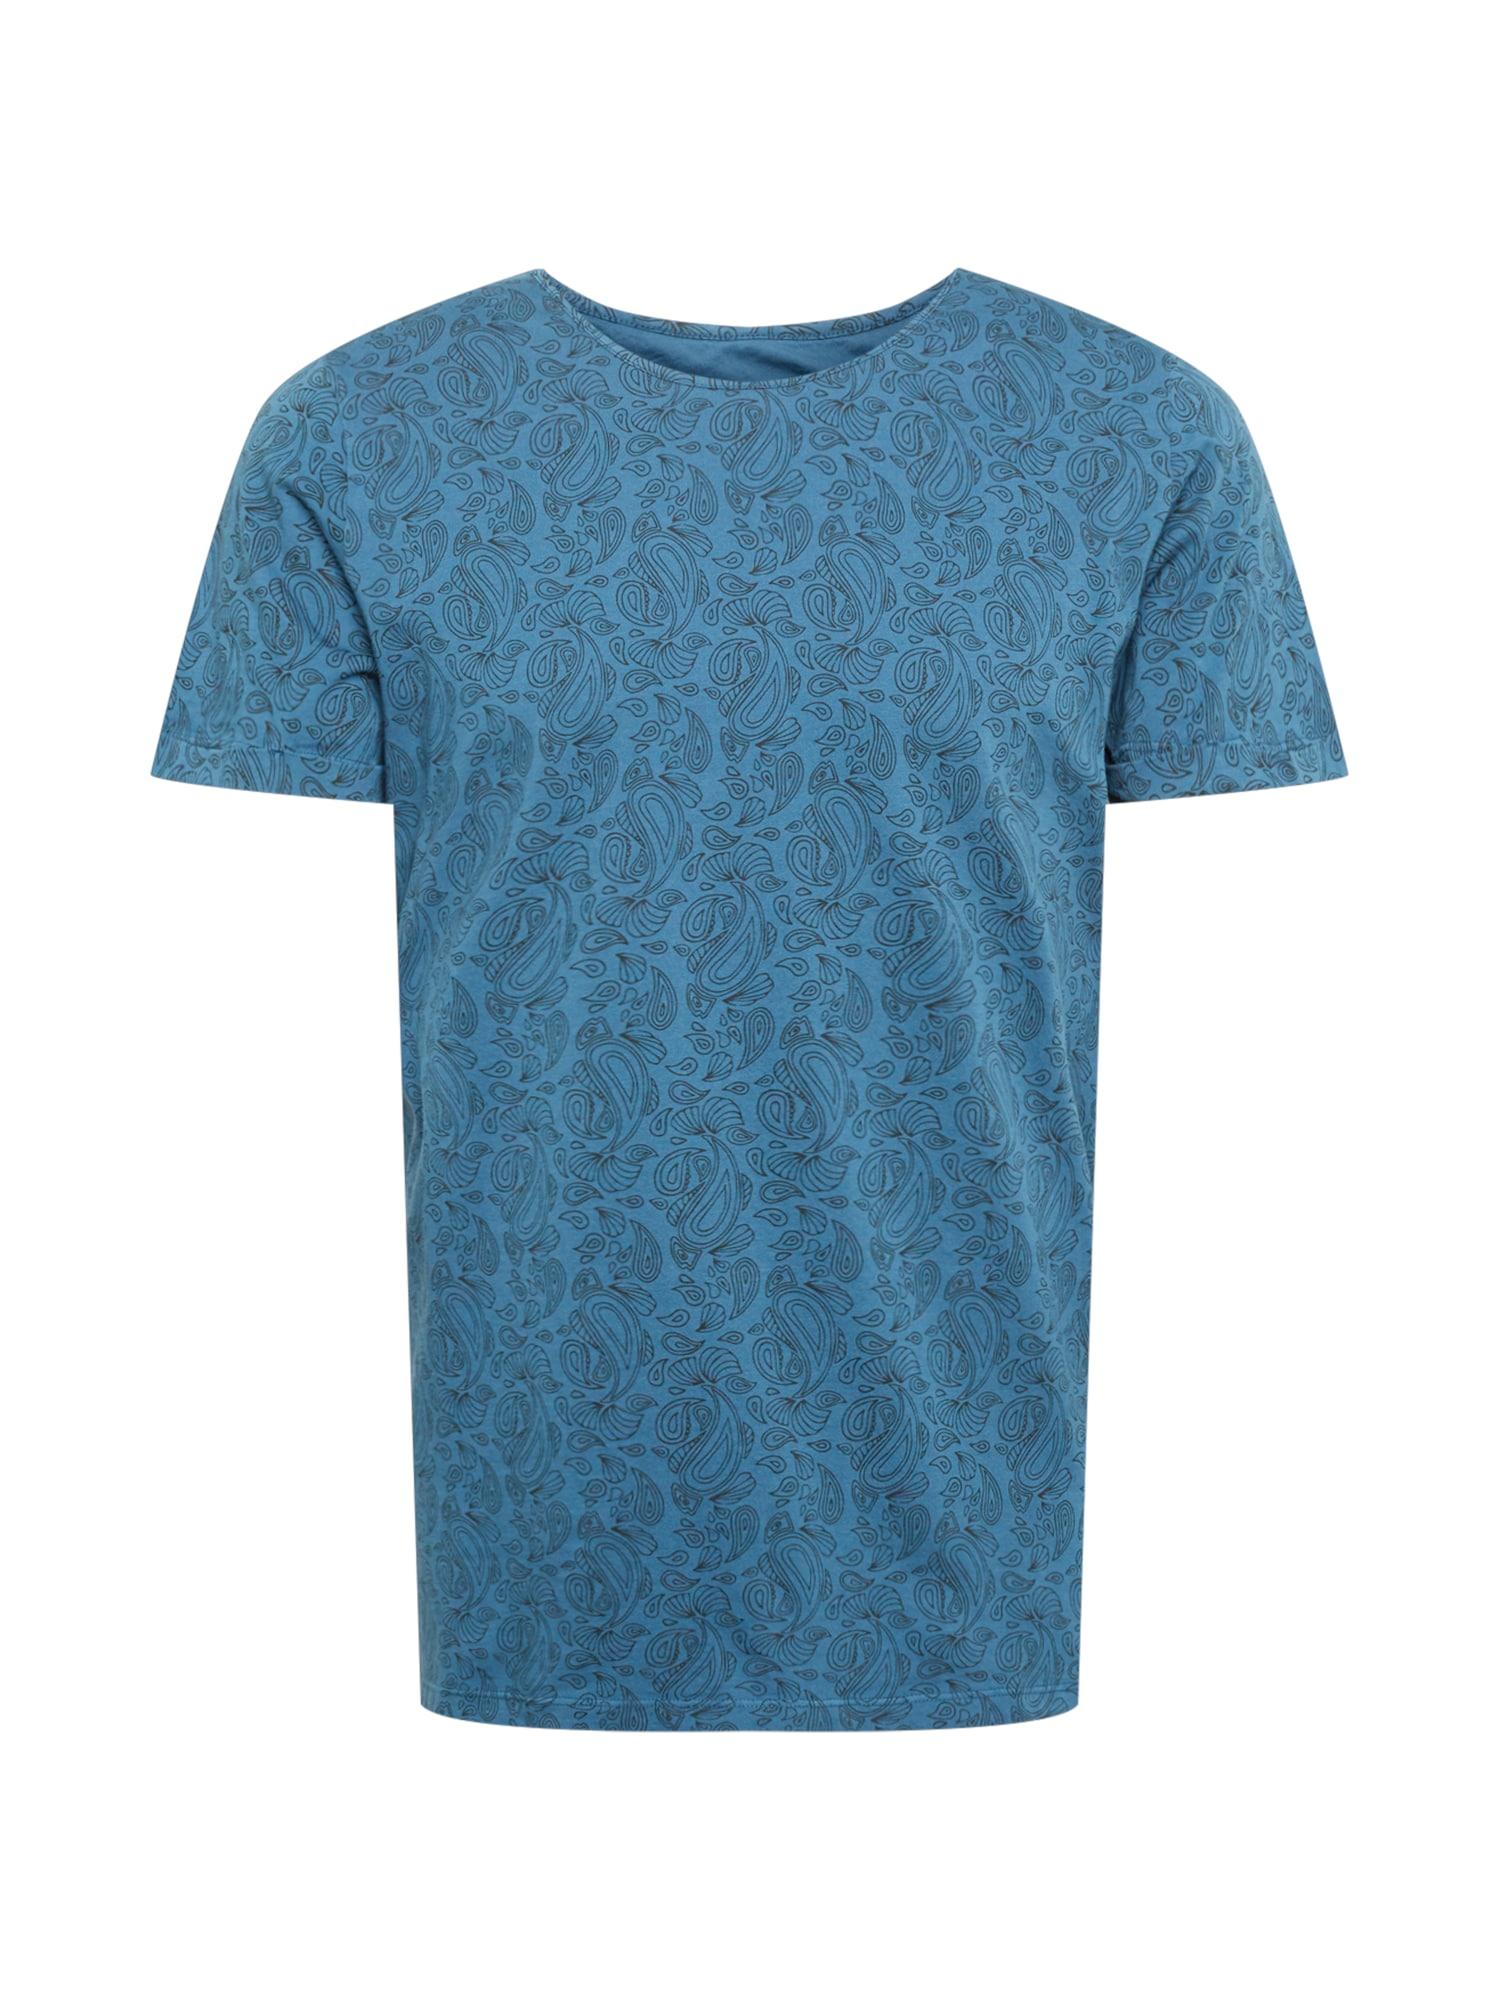 bleed clothing Marškinėliai dangaus žydra / juoda